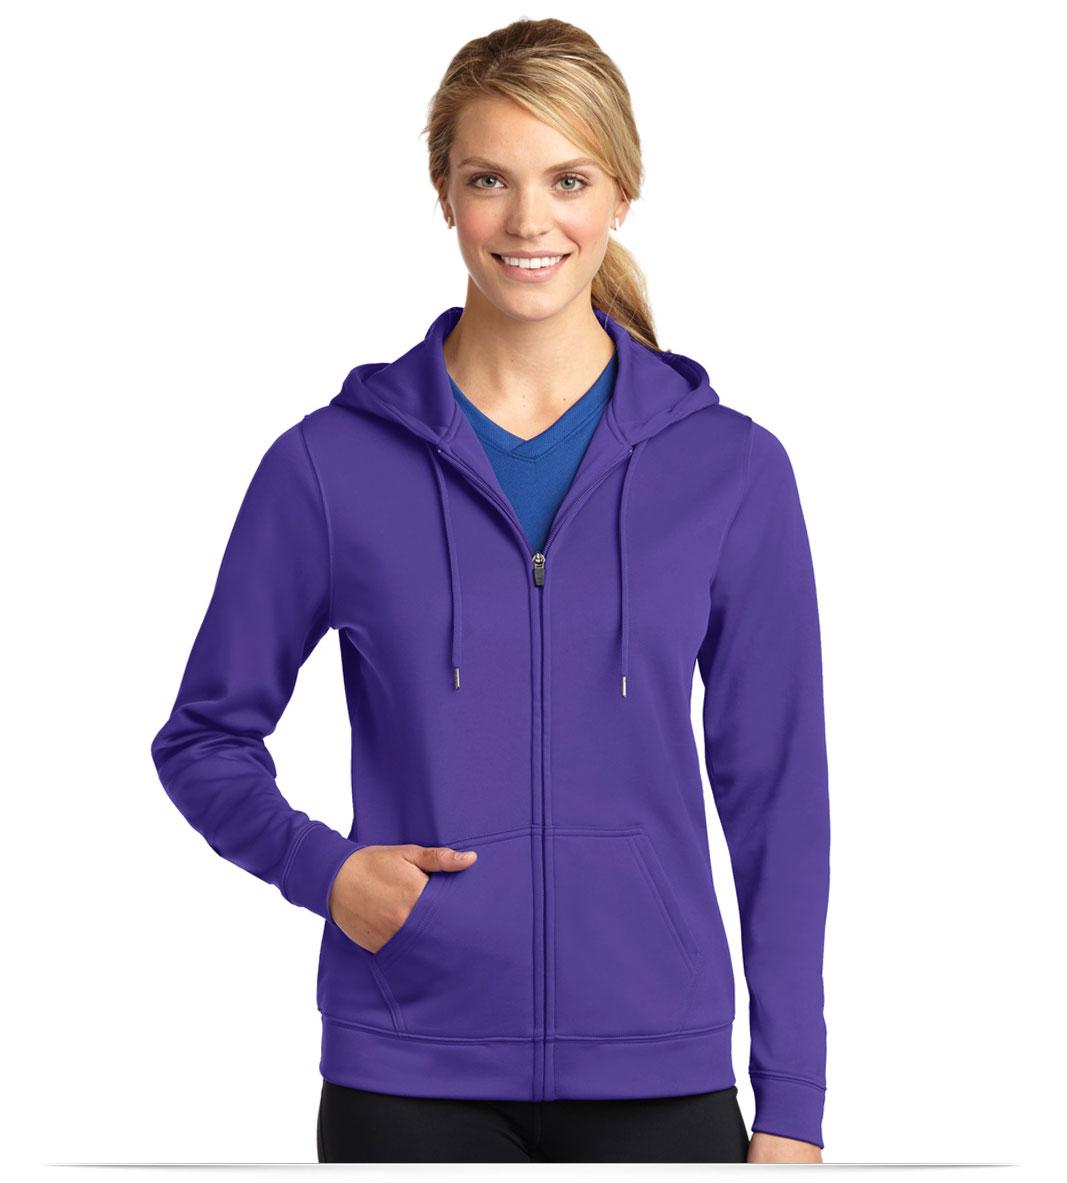 Customize Sport-Tek Ladies Fleece Full-Zip Hooded Jacket